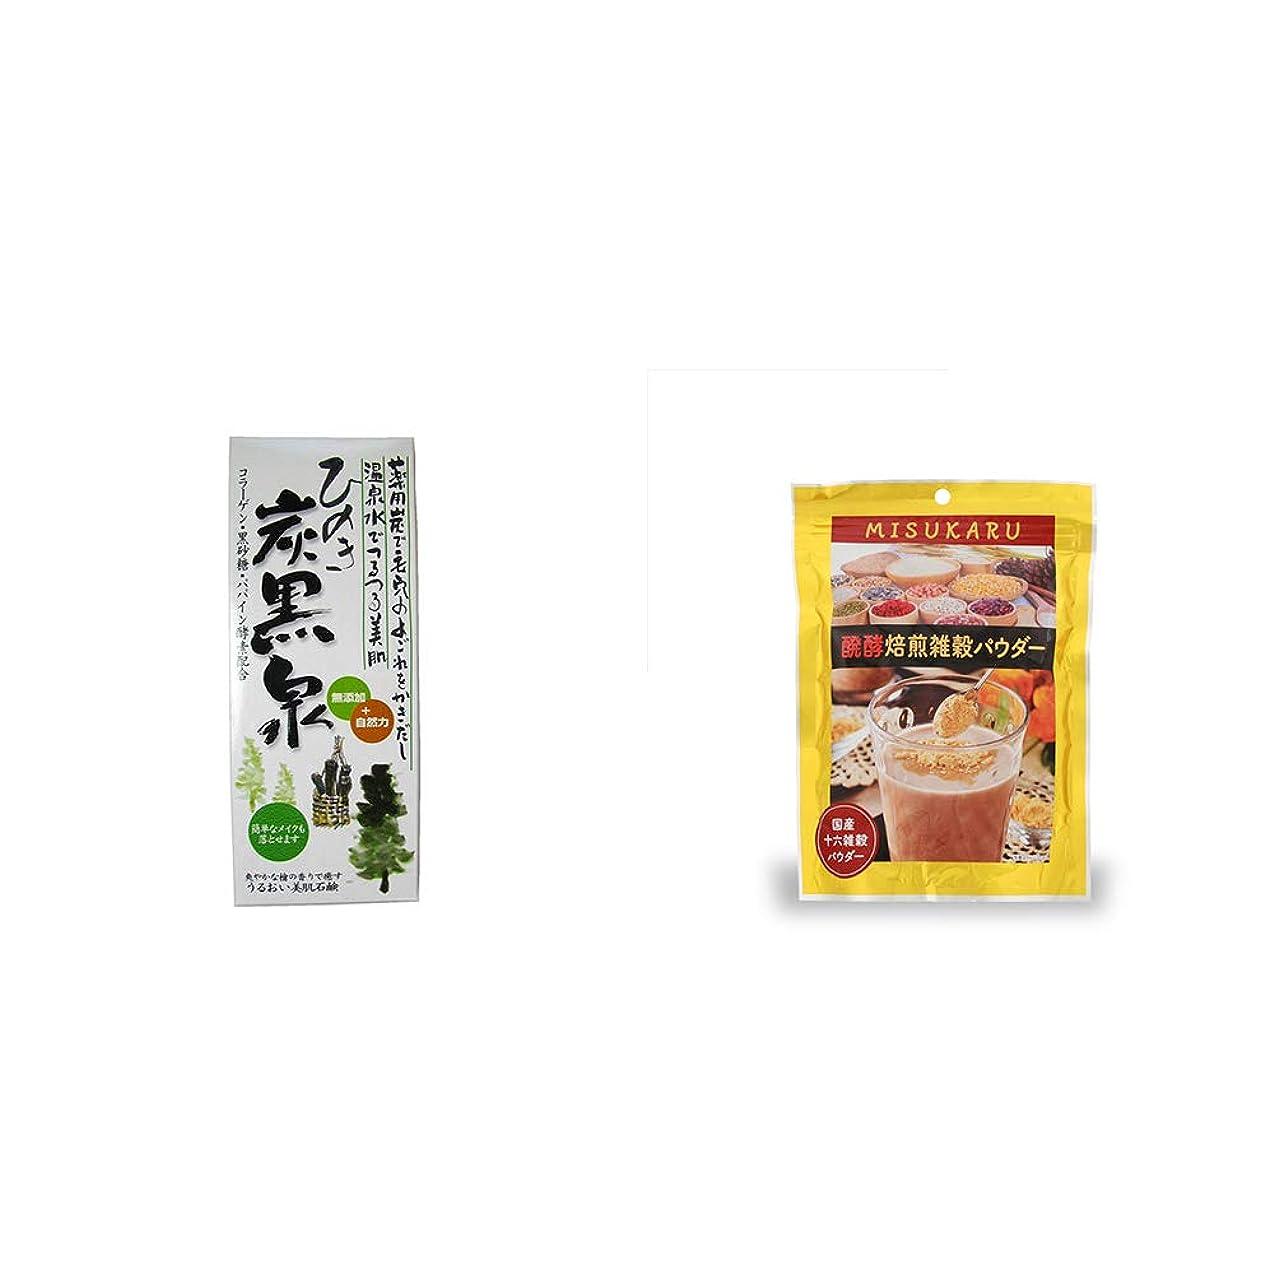 疑わしい否定する印象的[2点セット] ひのき炭黒泉 箱入り(75g×3)?醗酵焙煎雑穀パウダー MISUKARU(ミスカル)(200g)